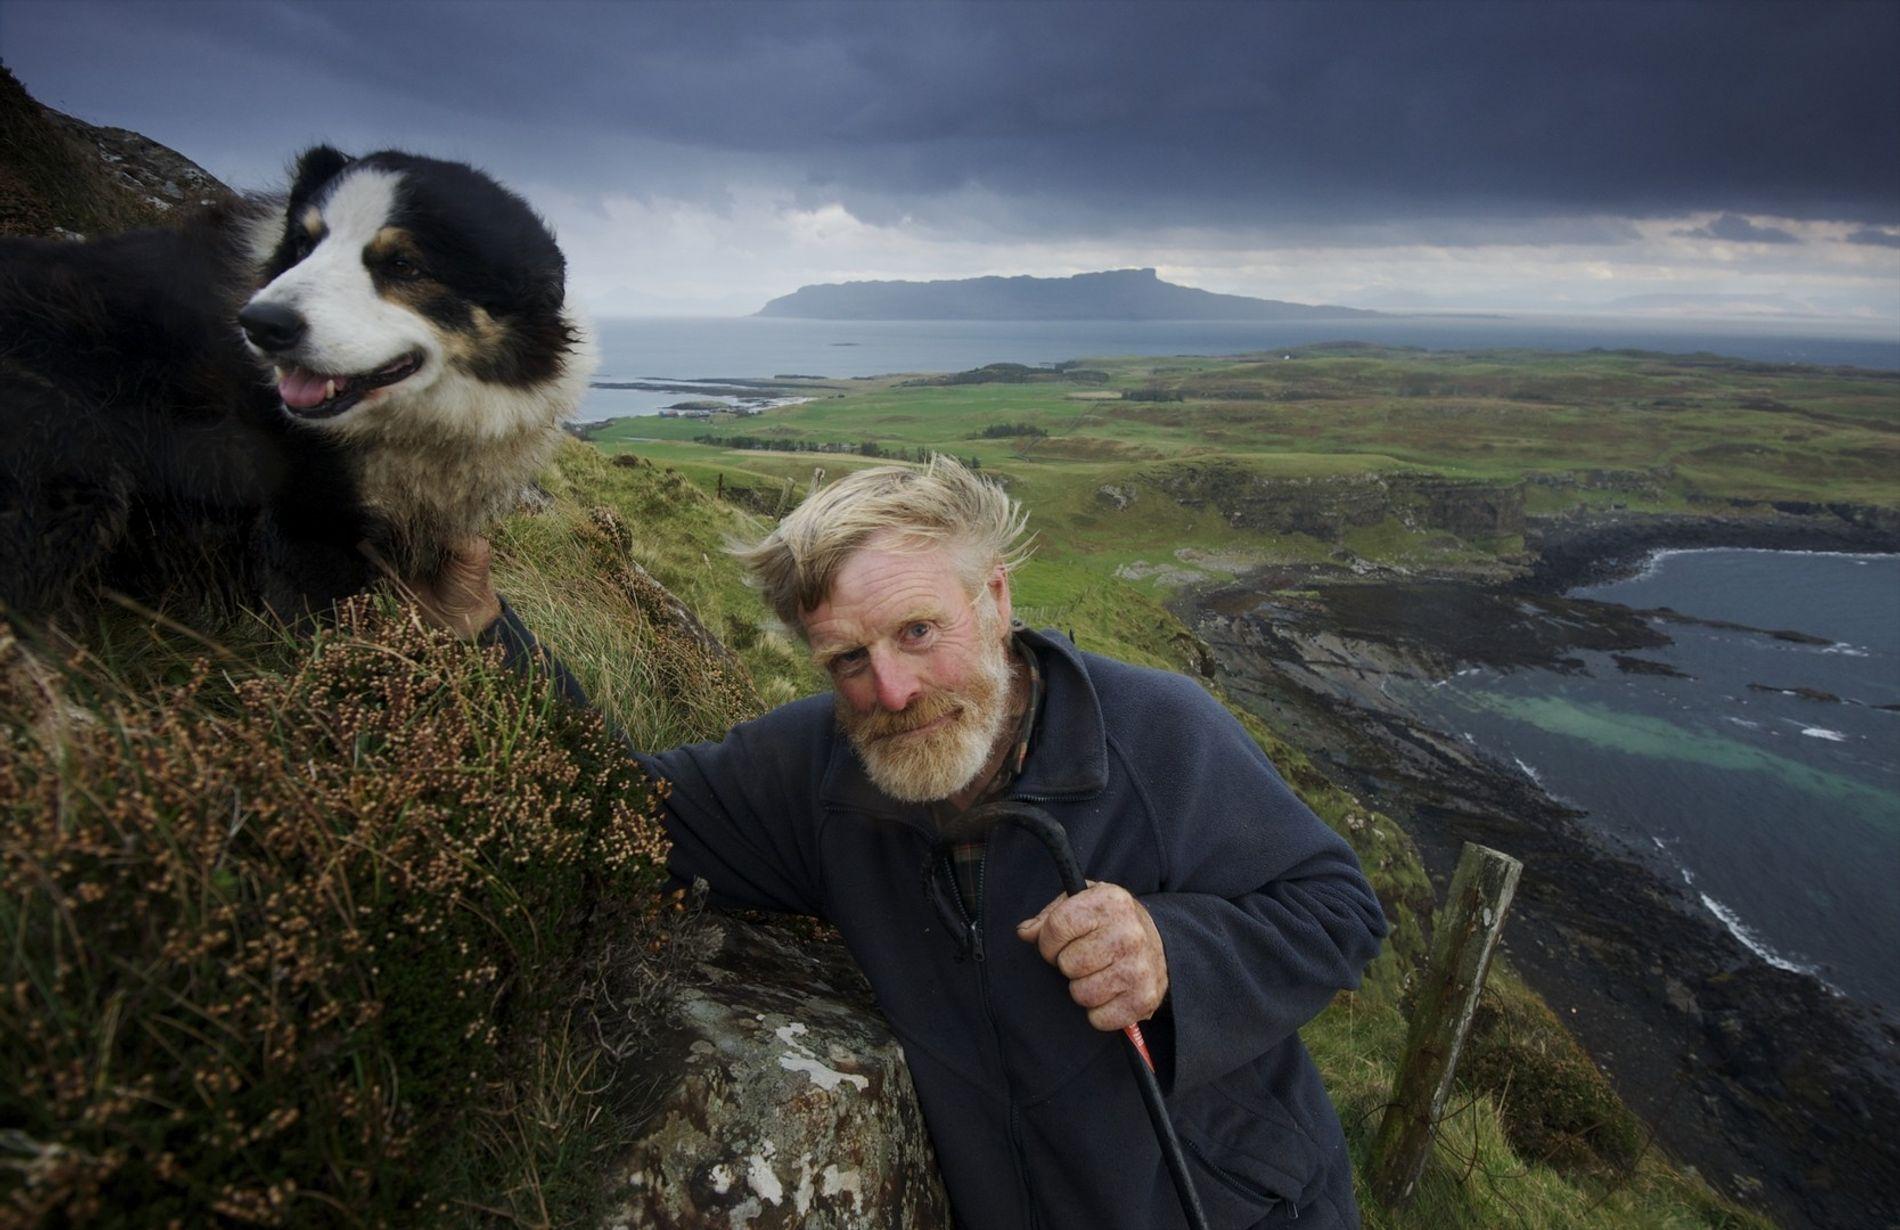 Auf dem Beinn Airein, dem höchsten Berg der Insel Muck. Lawrence MacEwan war der Laird von Muck, bis er den Titel an eines seiner Kinder weitervererbt hat. Die Insel Muck gehört seit 1896 der Familie MacEwan, inzwischen in der vierten Generation.